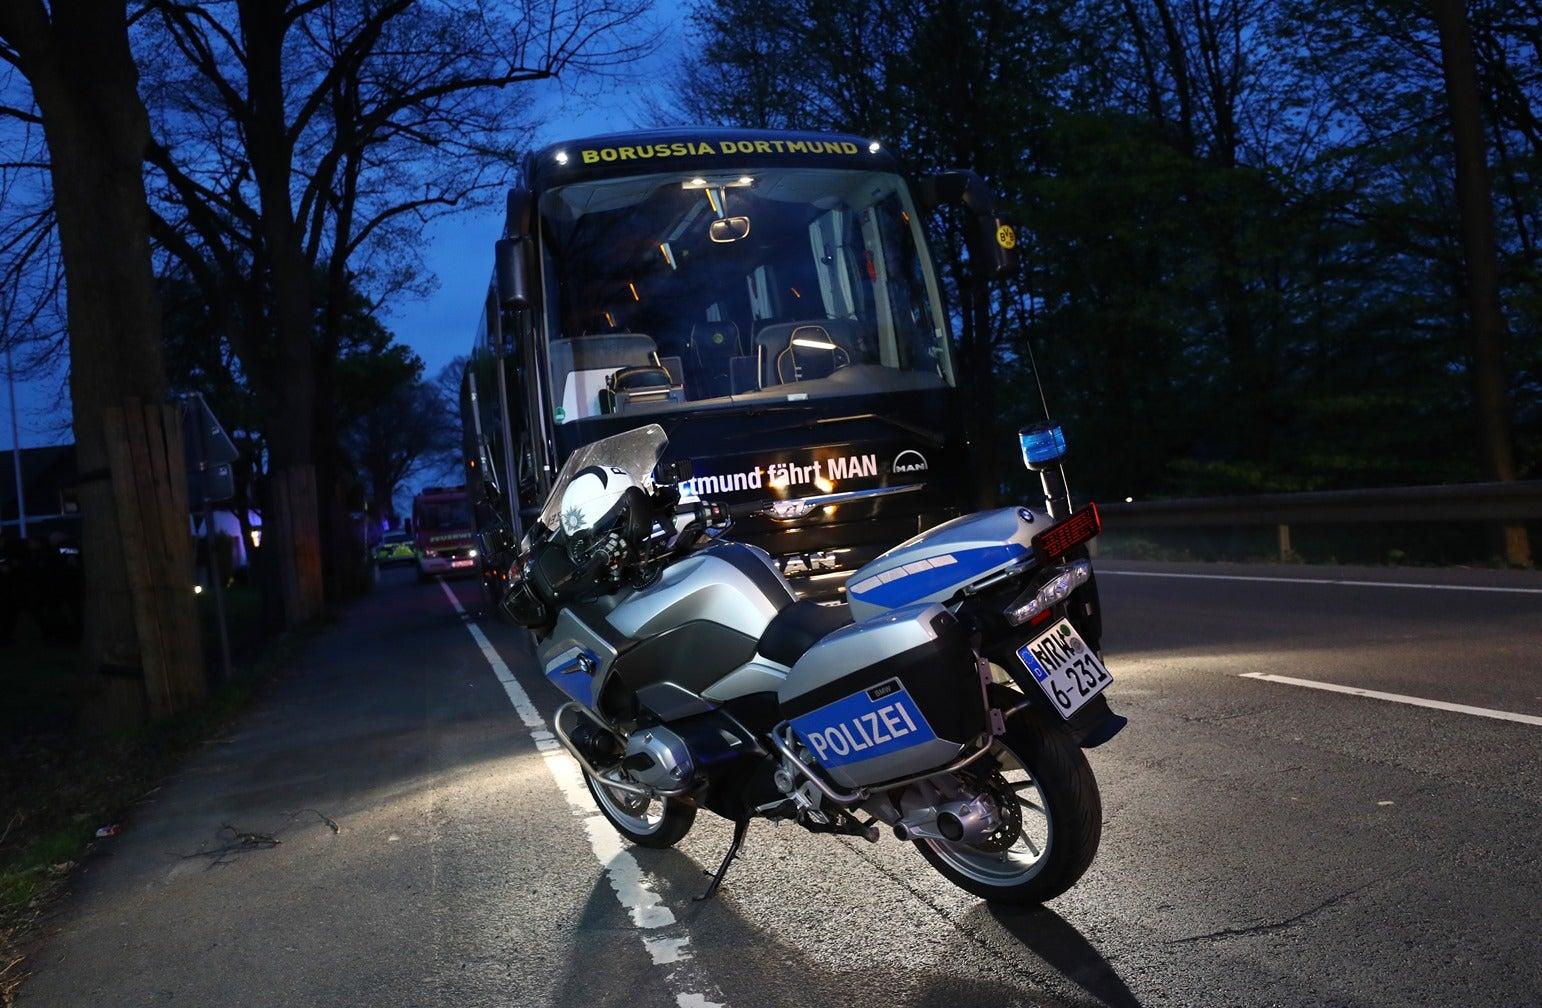 Suspeito de ataque a ônibus do BVB é acusado